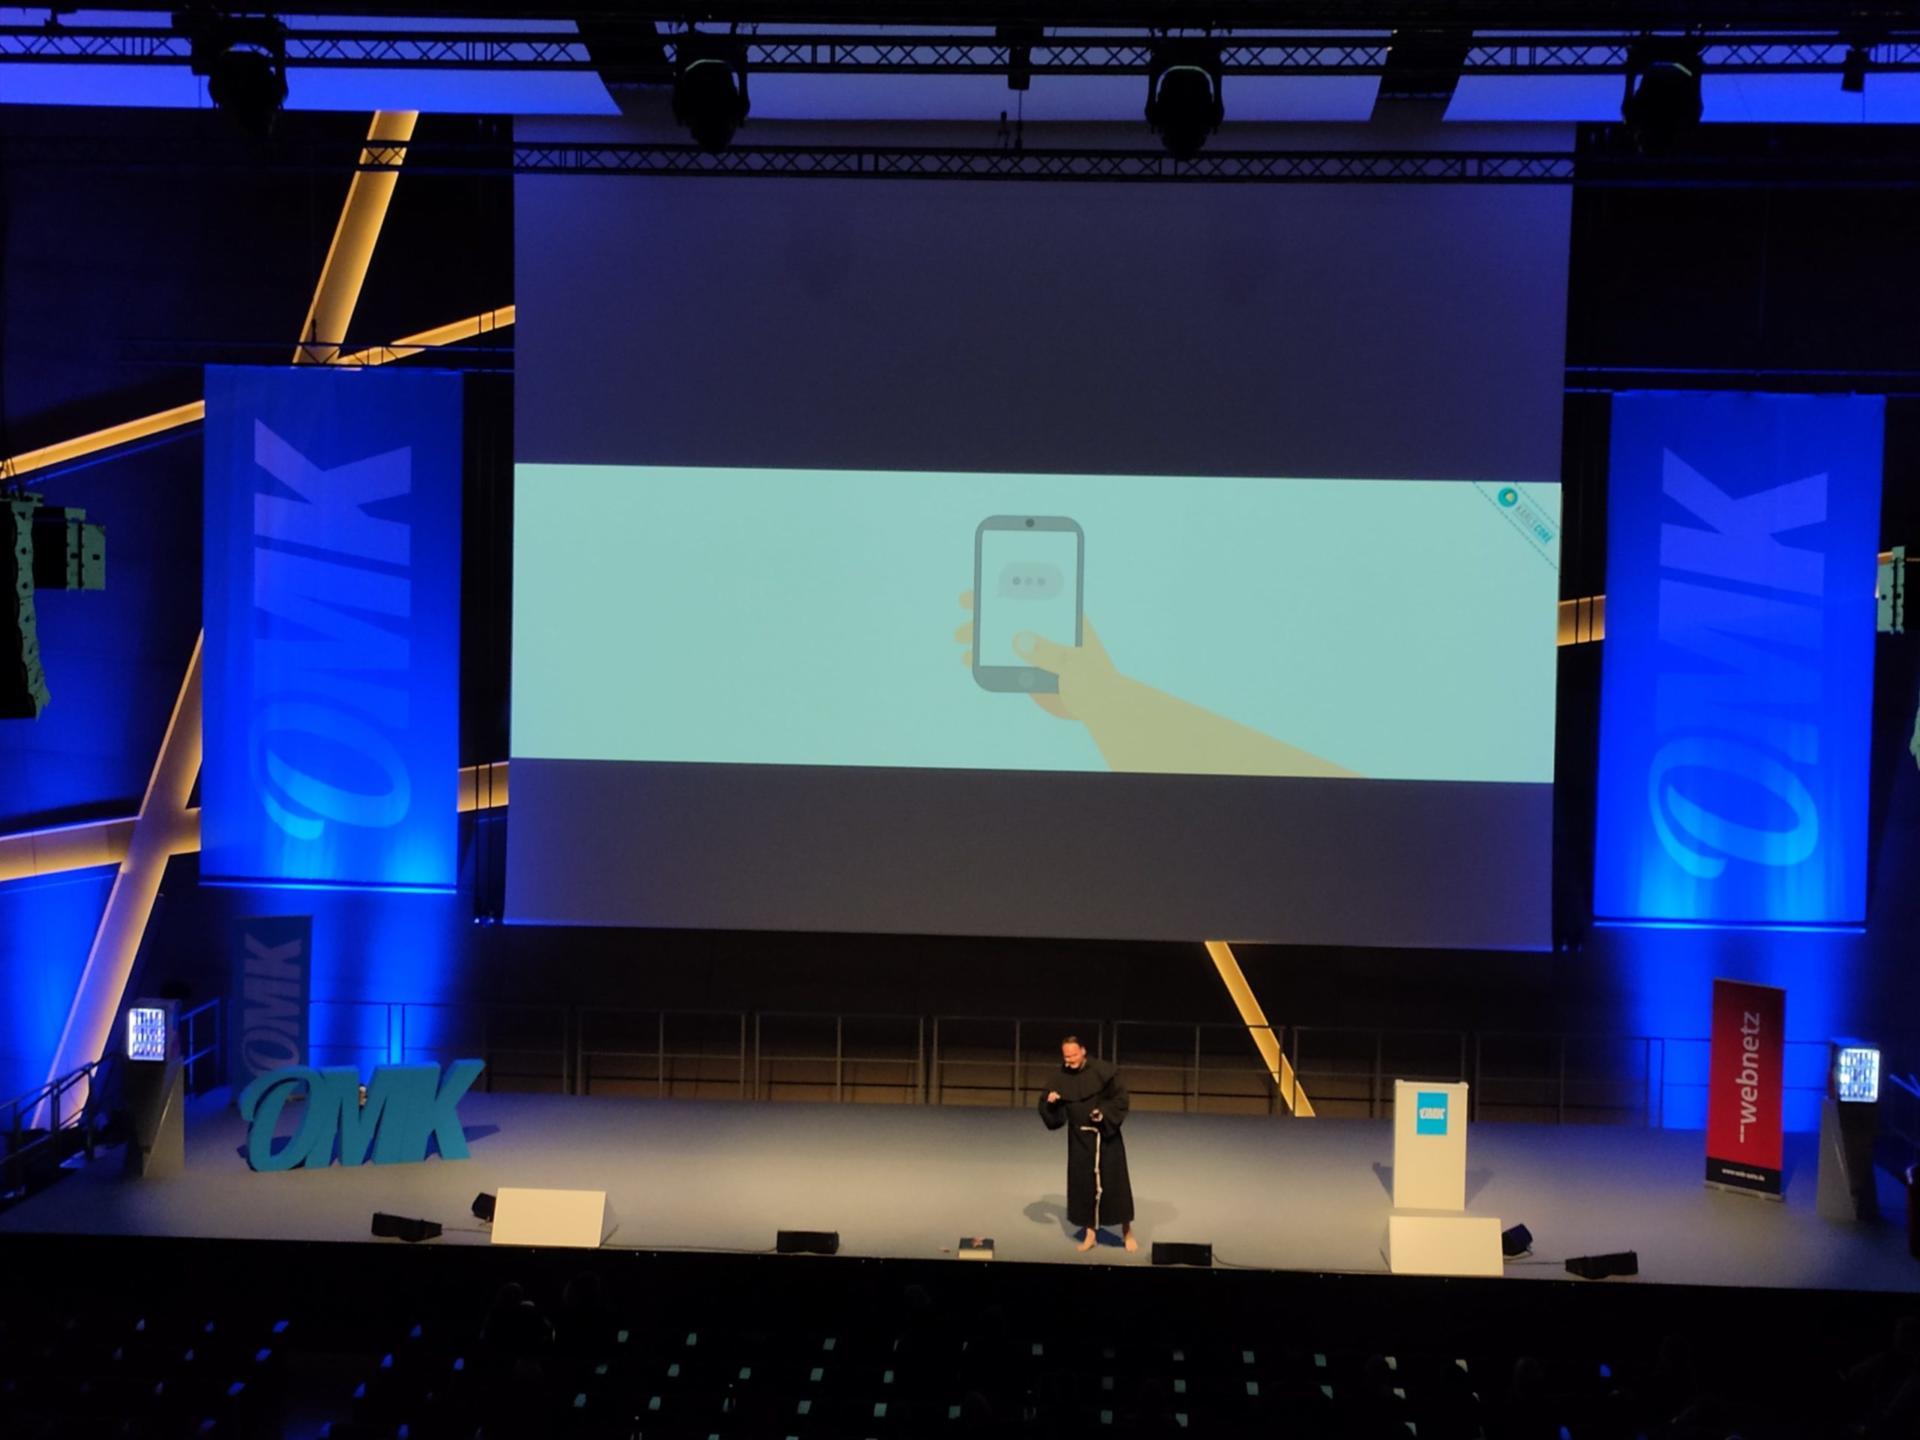 OMK 20190919 182012 scaled Konferenz: OMK 2019 - Die Online-Marketing-Konferenz in Lüneburg